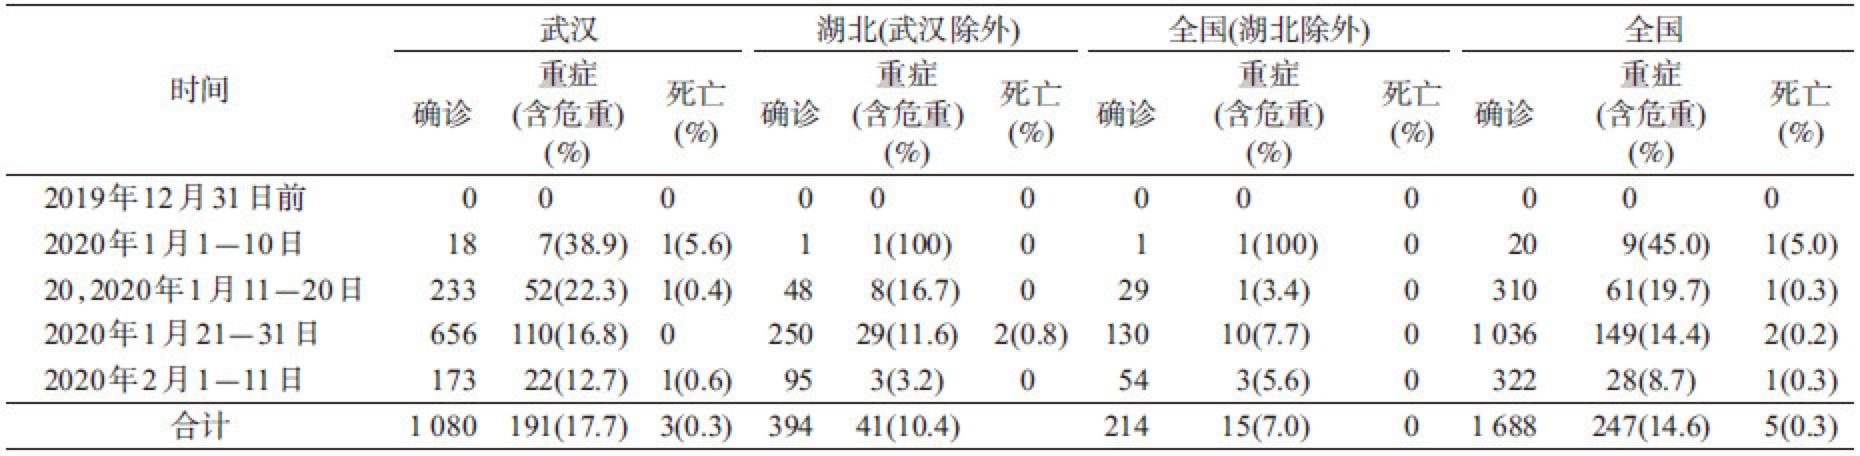 2019年12月8日至2020年2月11日,天下、湖北、武汉报告医务职员新冠肺炎确诊病例、重症病例及灭亡病例情形。图/中华盛行病学杂志